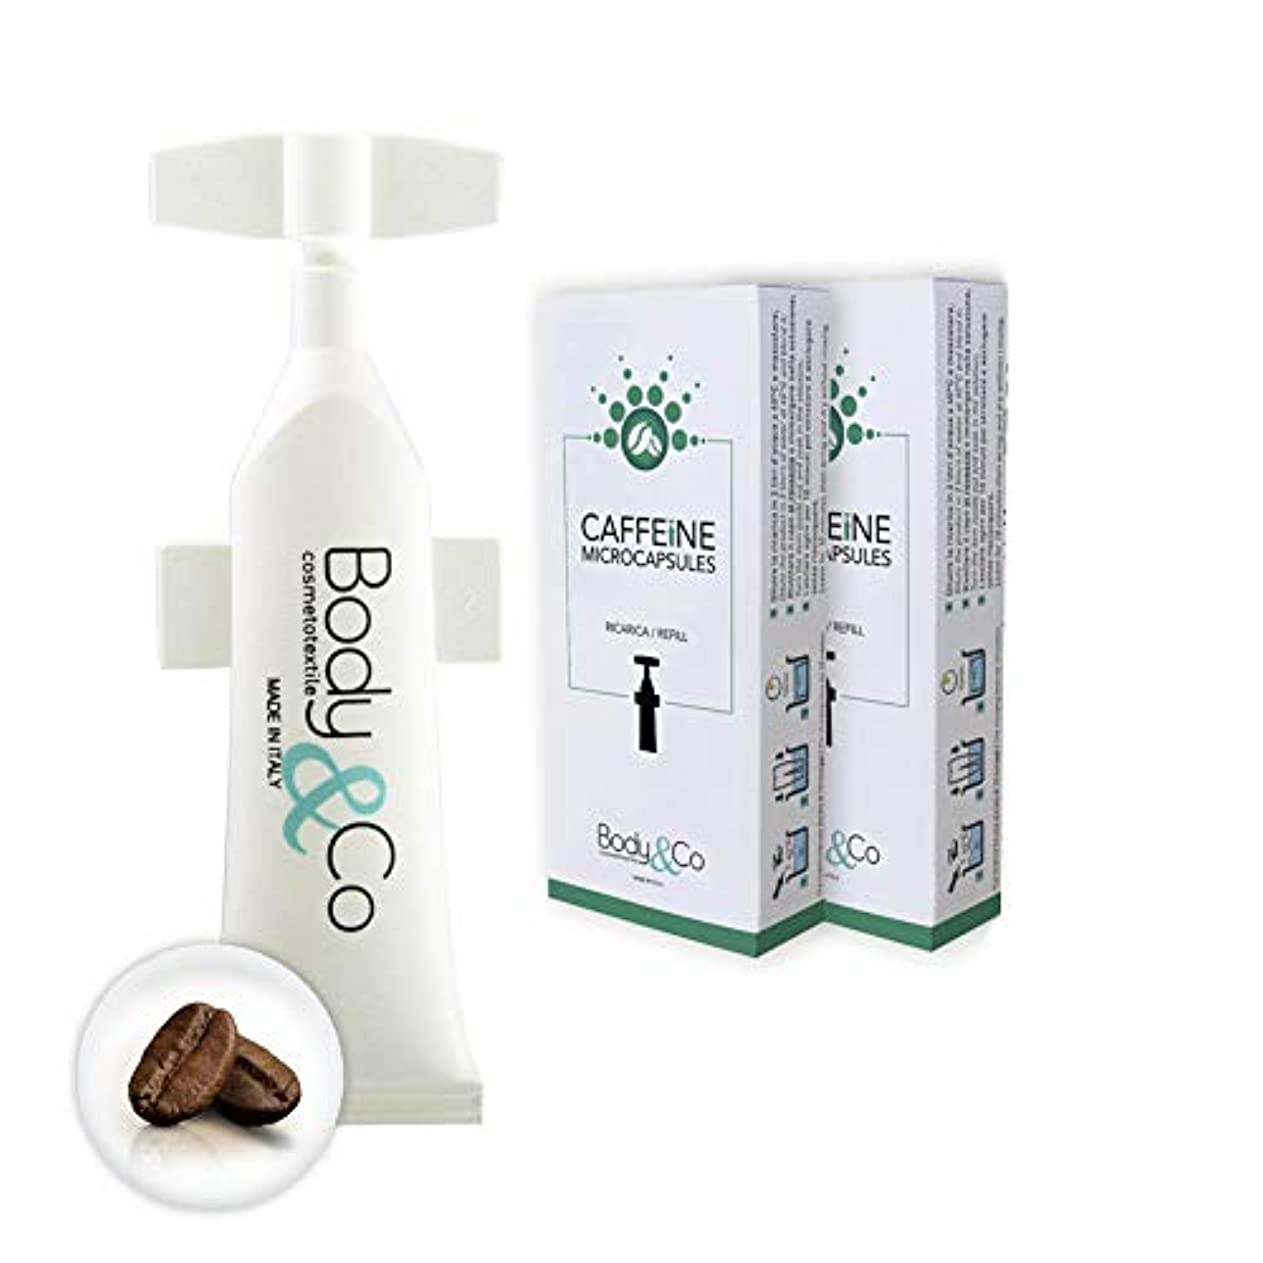 簡略化するマーチャンダイジング再生的Body&Co Cosmetic Refill 10 ml Caffeine (CAFFEINE 10 ML, 2 REFILLS 10 ML)